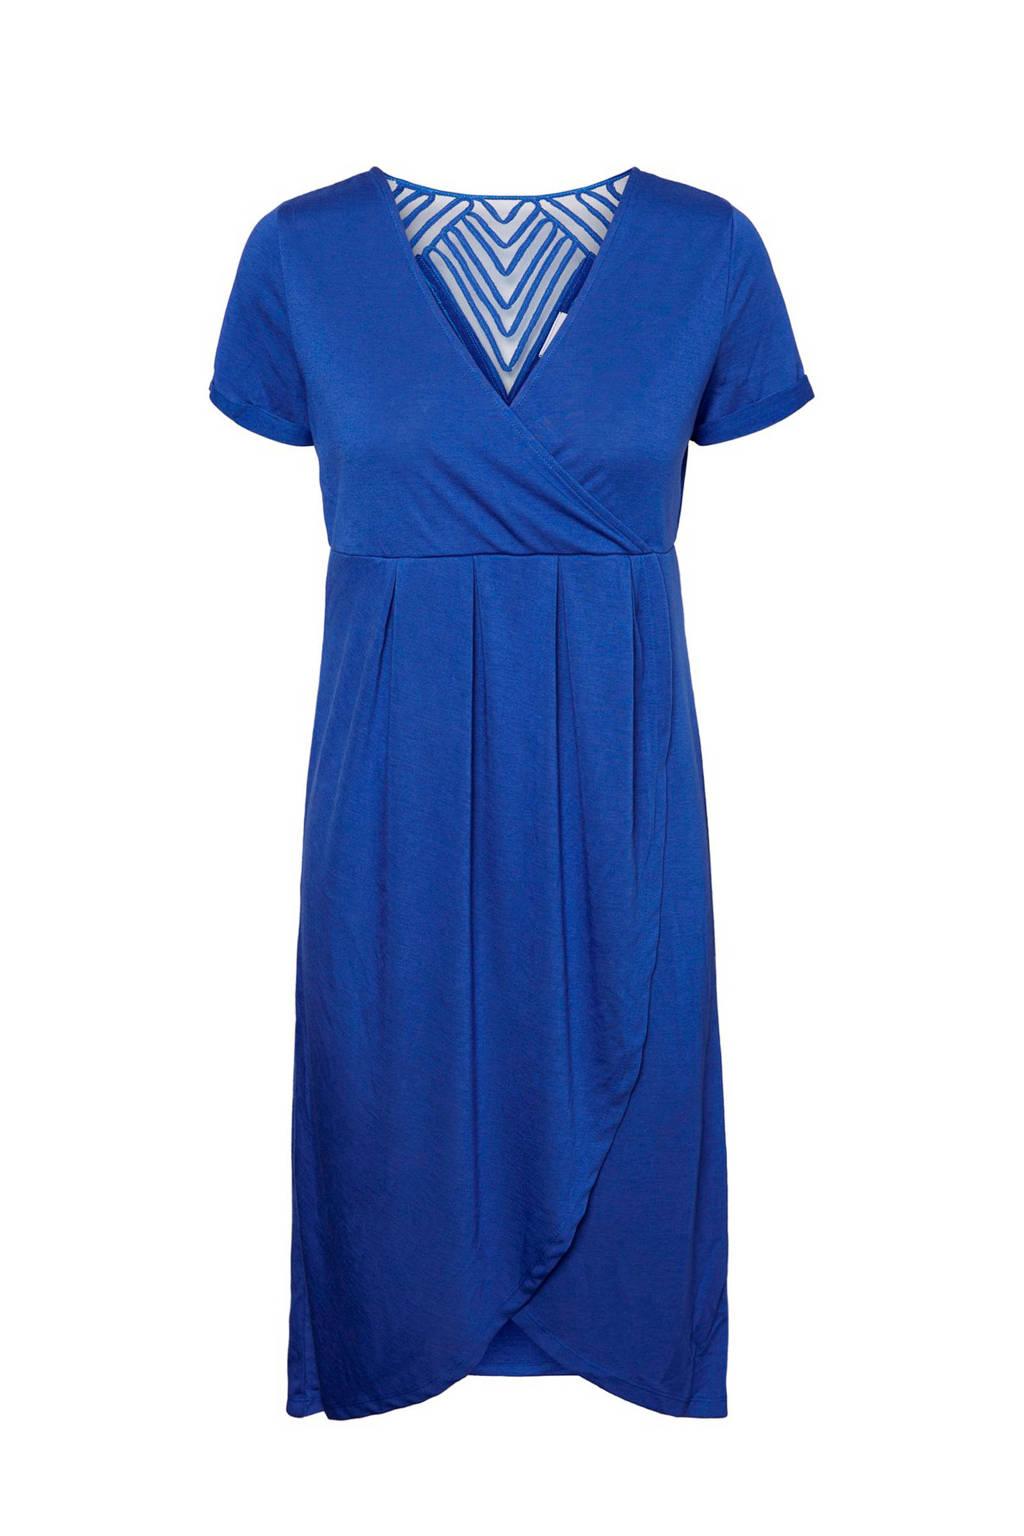 MAMA-LICIOUS zwangerschaps- en voedingsjurk Ura Tess blauw, Blauw